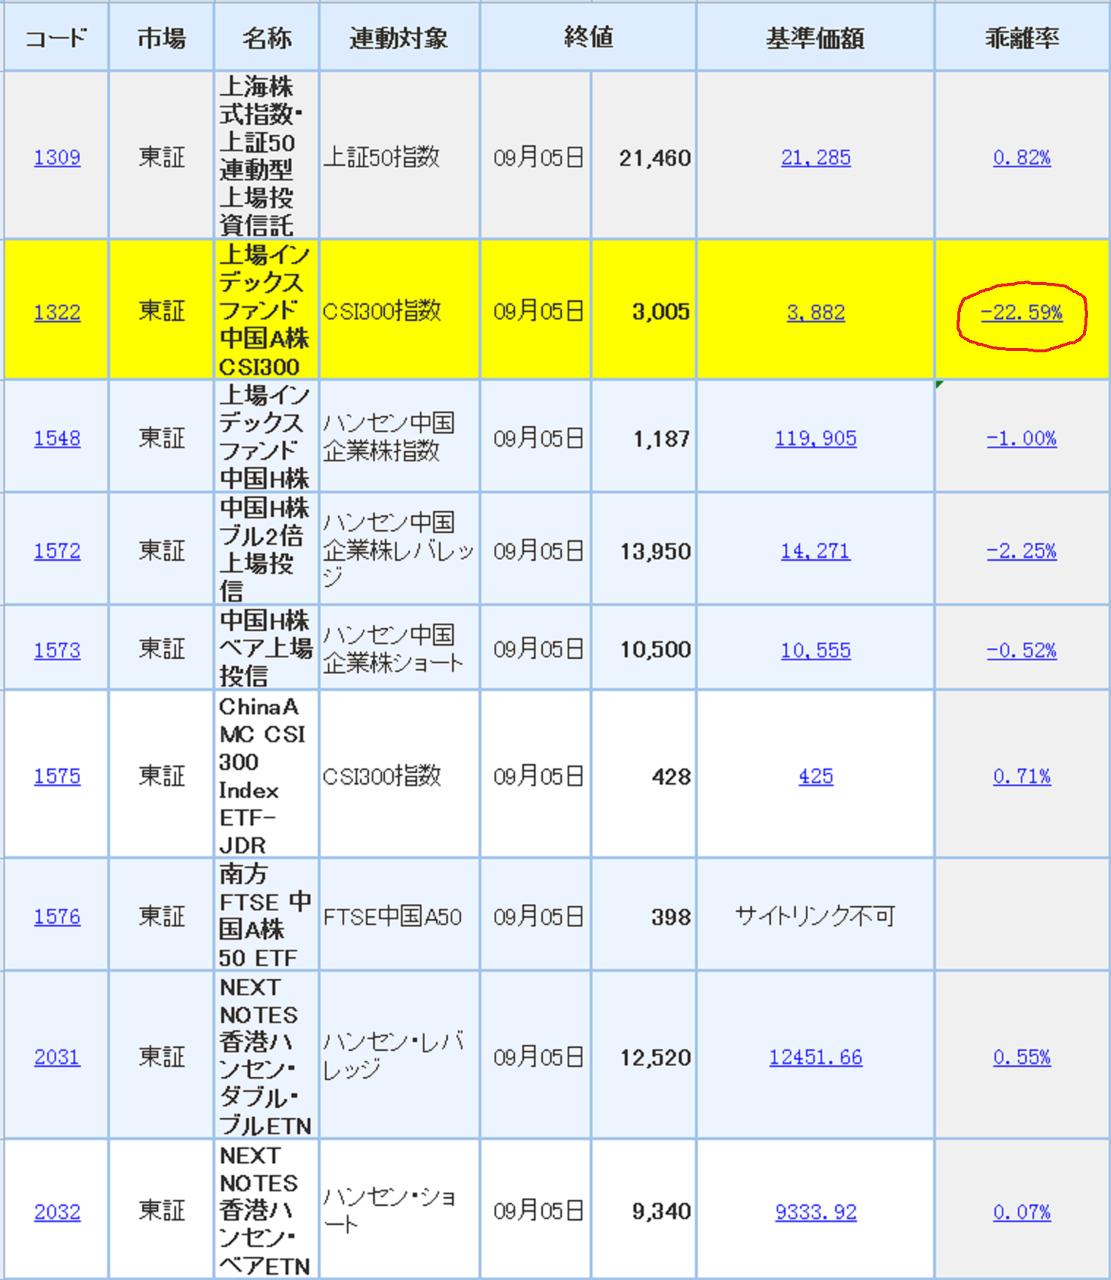 1309 - (NEXT FUNDS)ChinaAMC・中国株式・上証50 金曜、こちらを全部売却。 売却分で1322をあらためて買った。  どちらもまだまだ騰がるが、1322